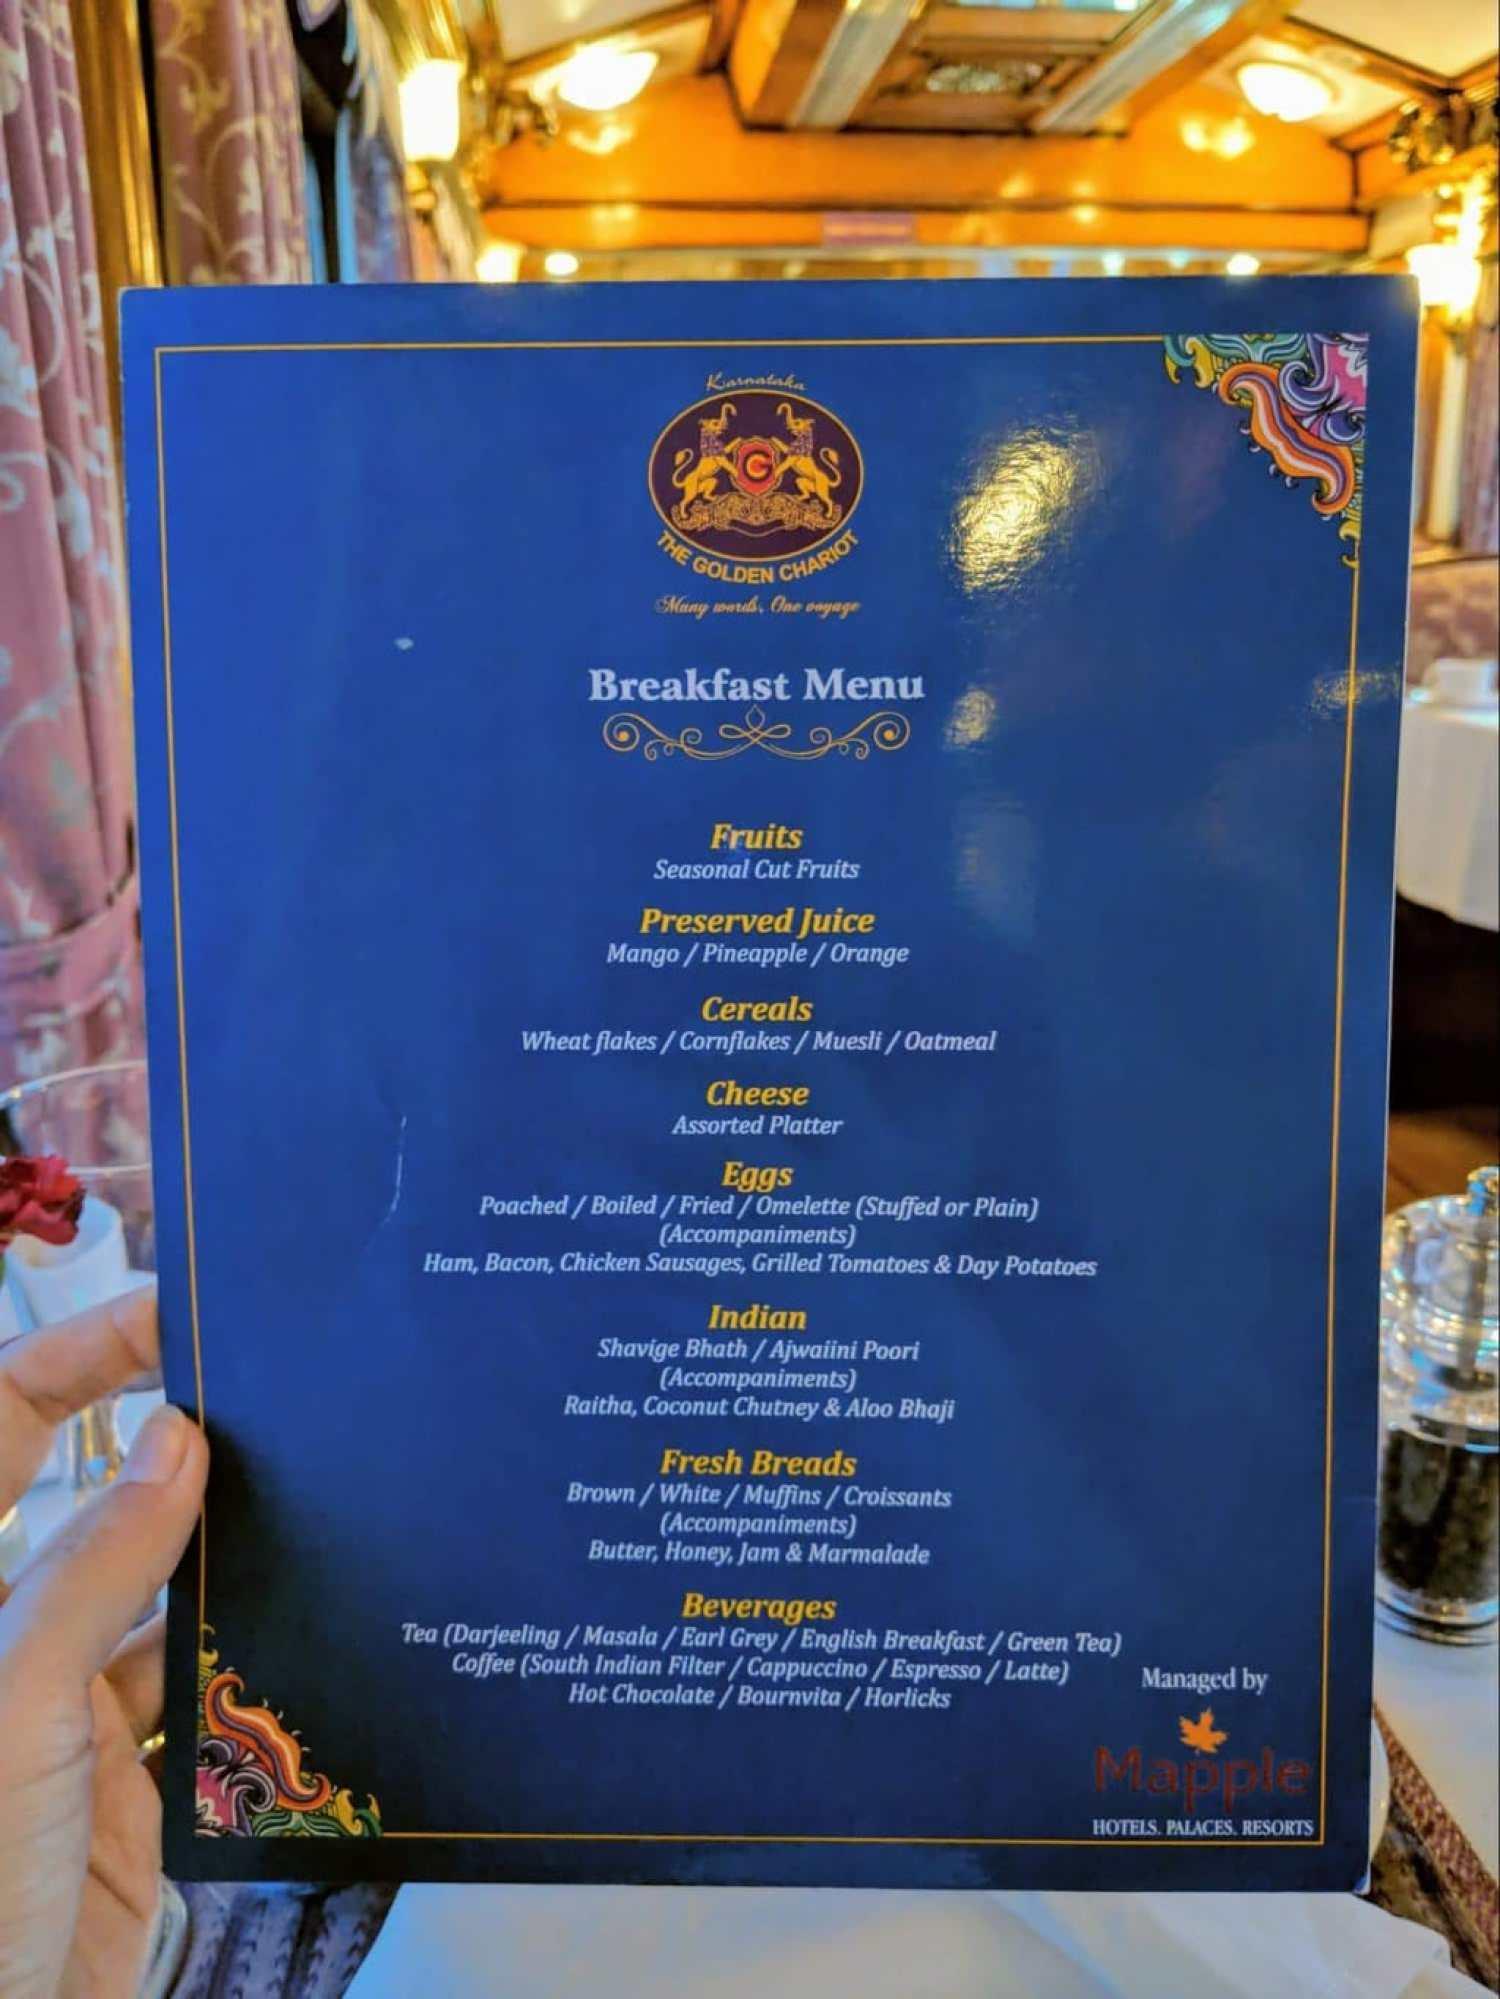 Breakfast menu on the Golden Chariot